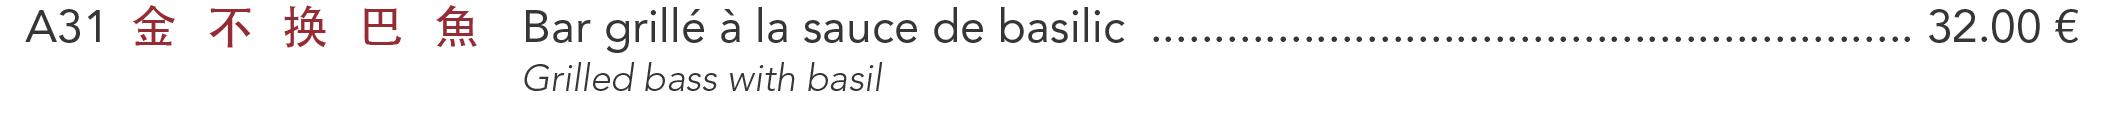 A31 - Bar grillé à la sauce de basilic